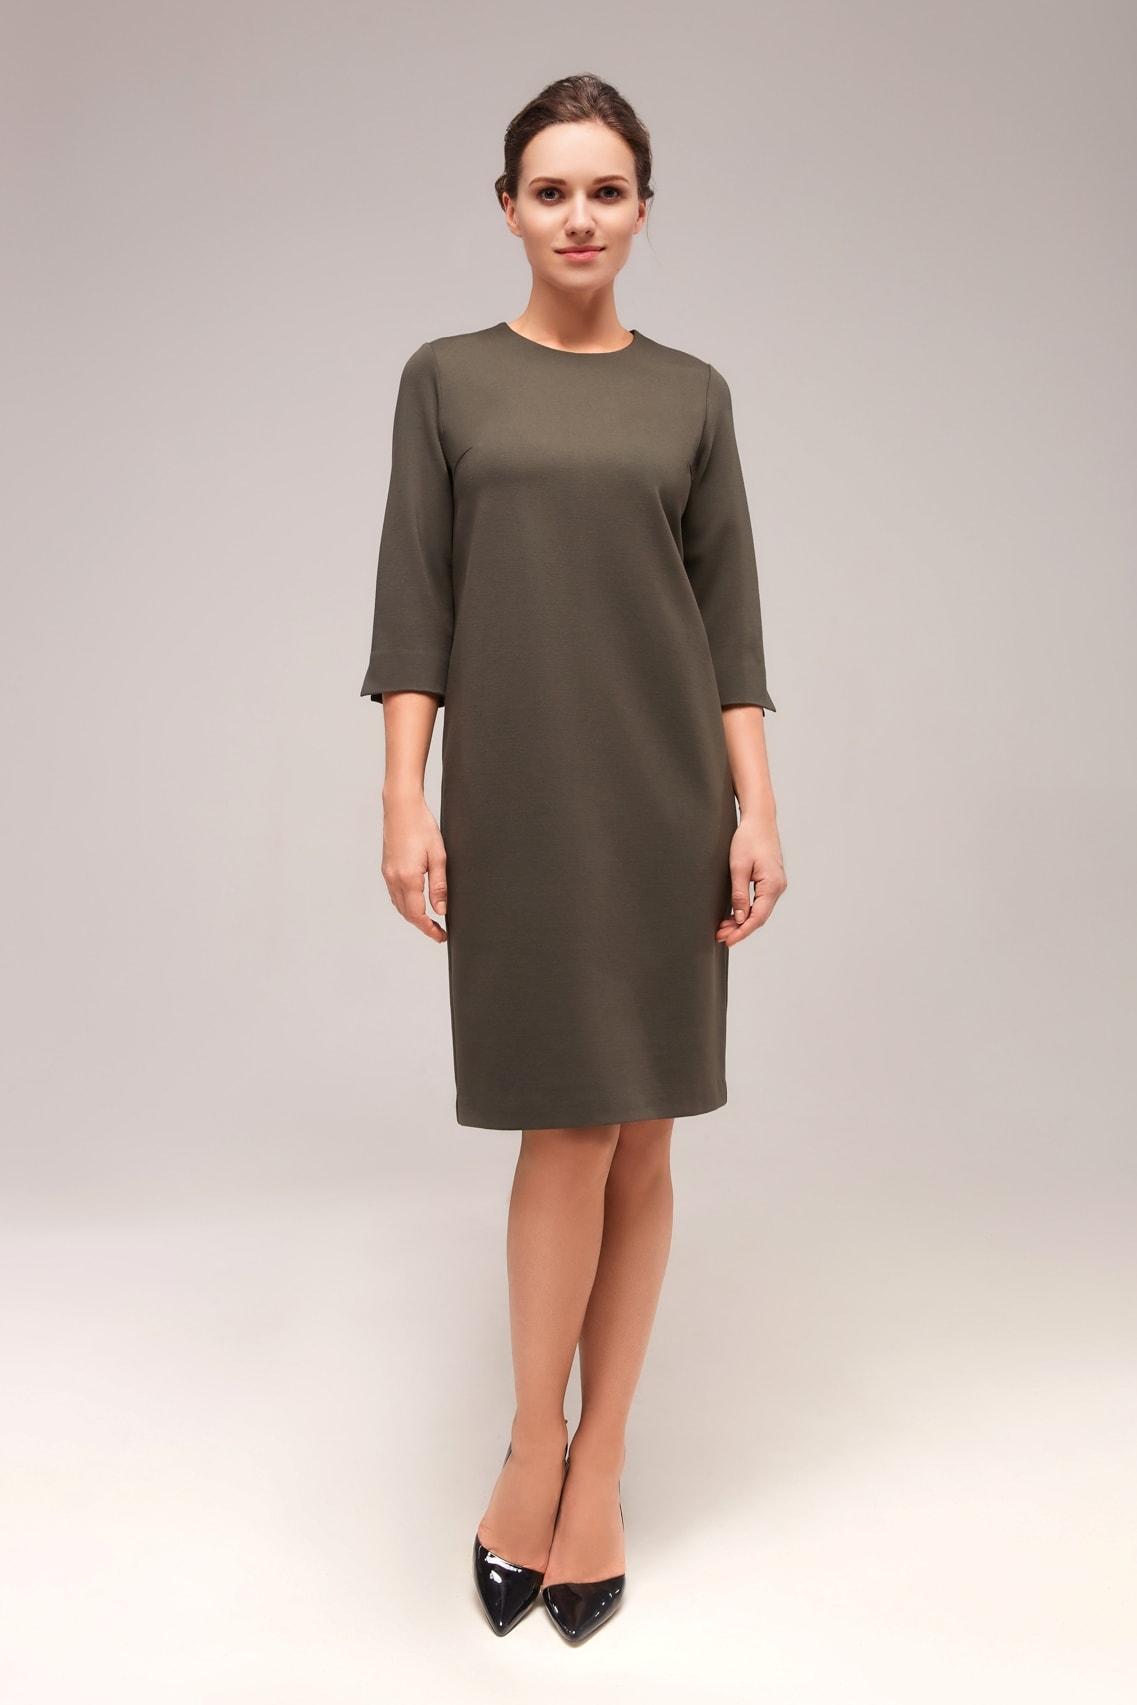 Платье Topdesign B7 172